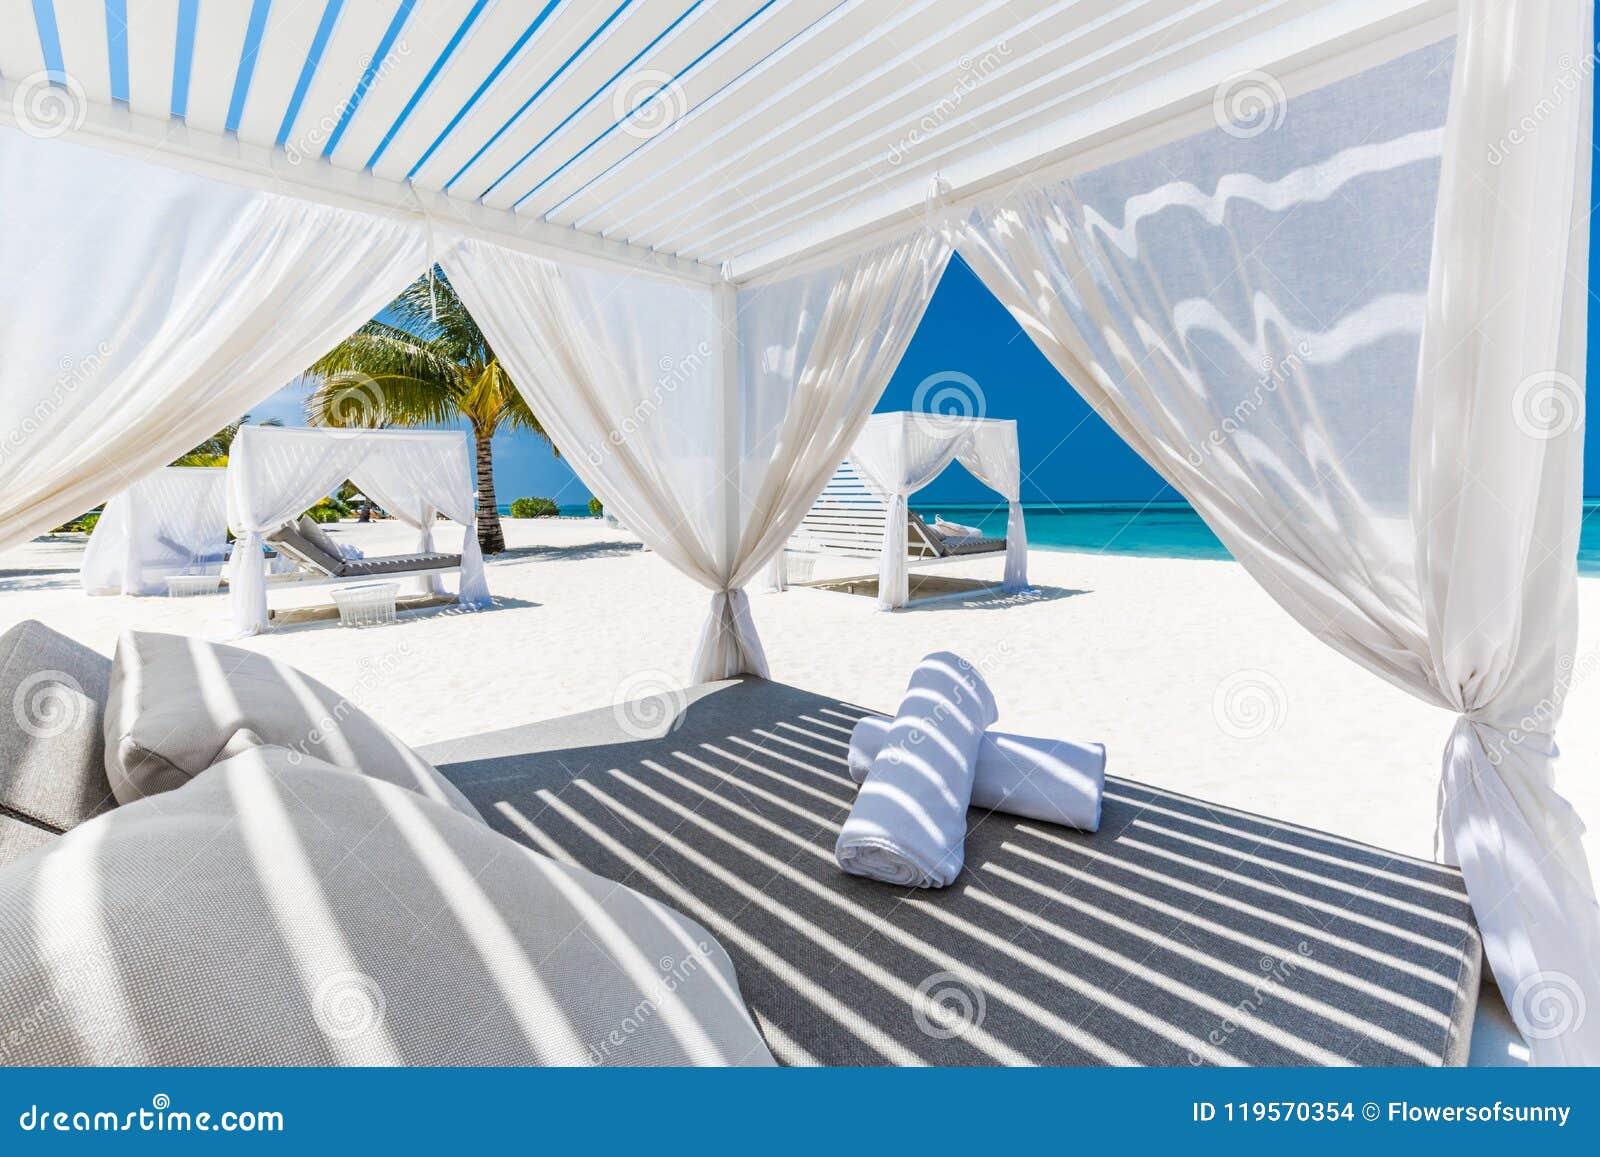 Schöne Strandszene und Strandüberdachung für Luxusstrand- und Sommerferien- und Ferienkonzept Inspirierend tropischer Hintergrund